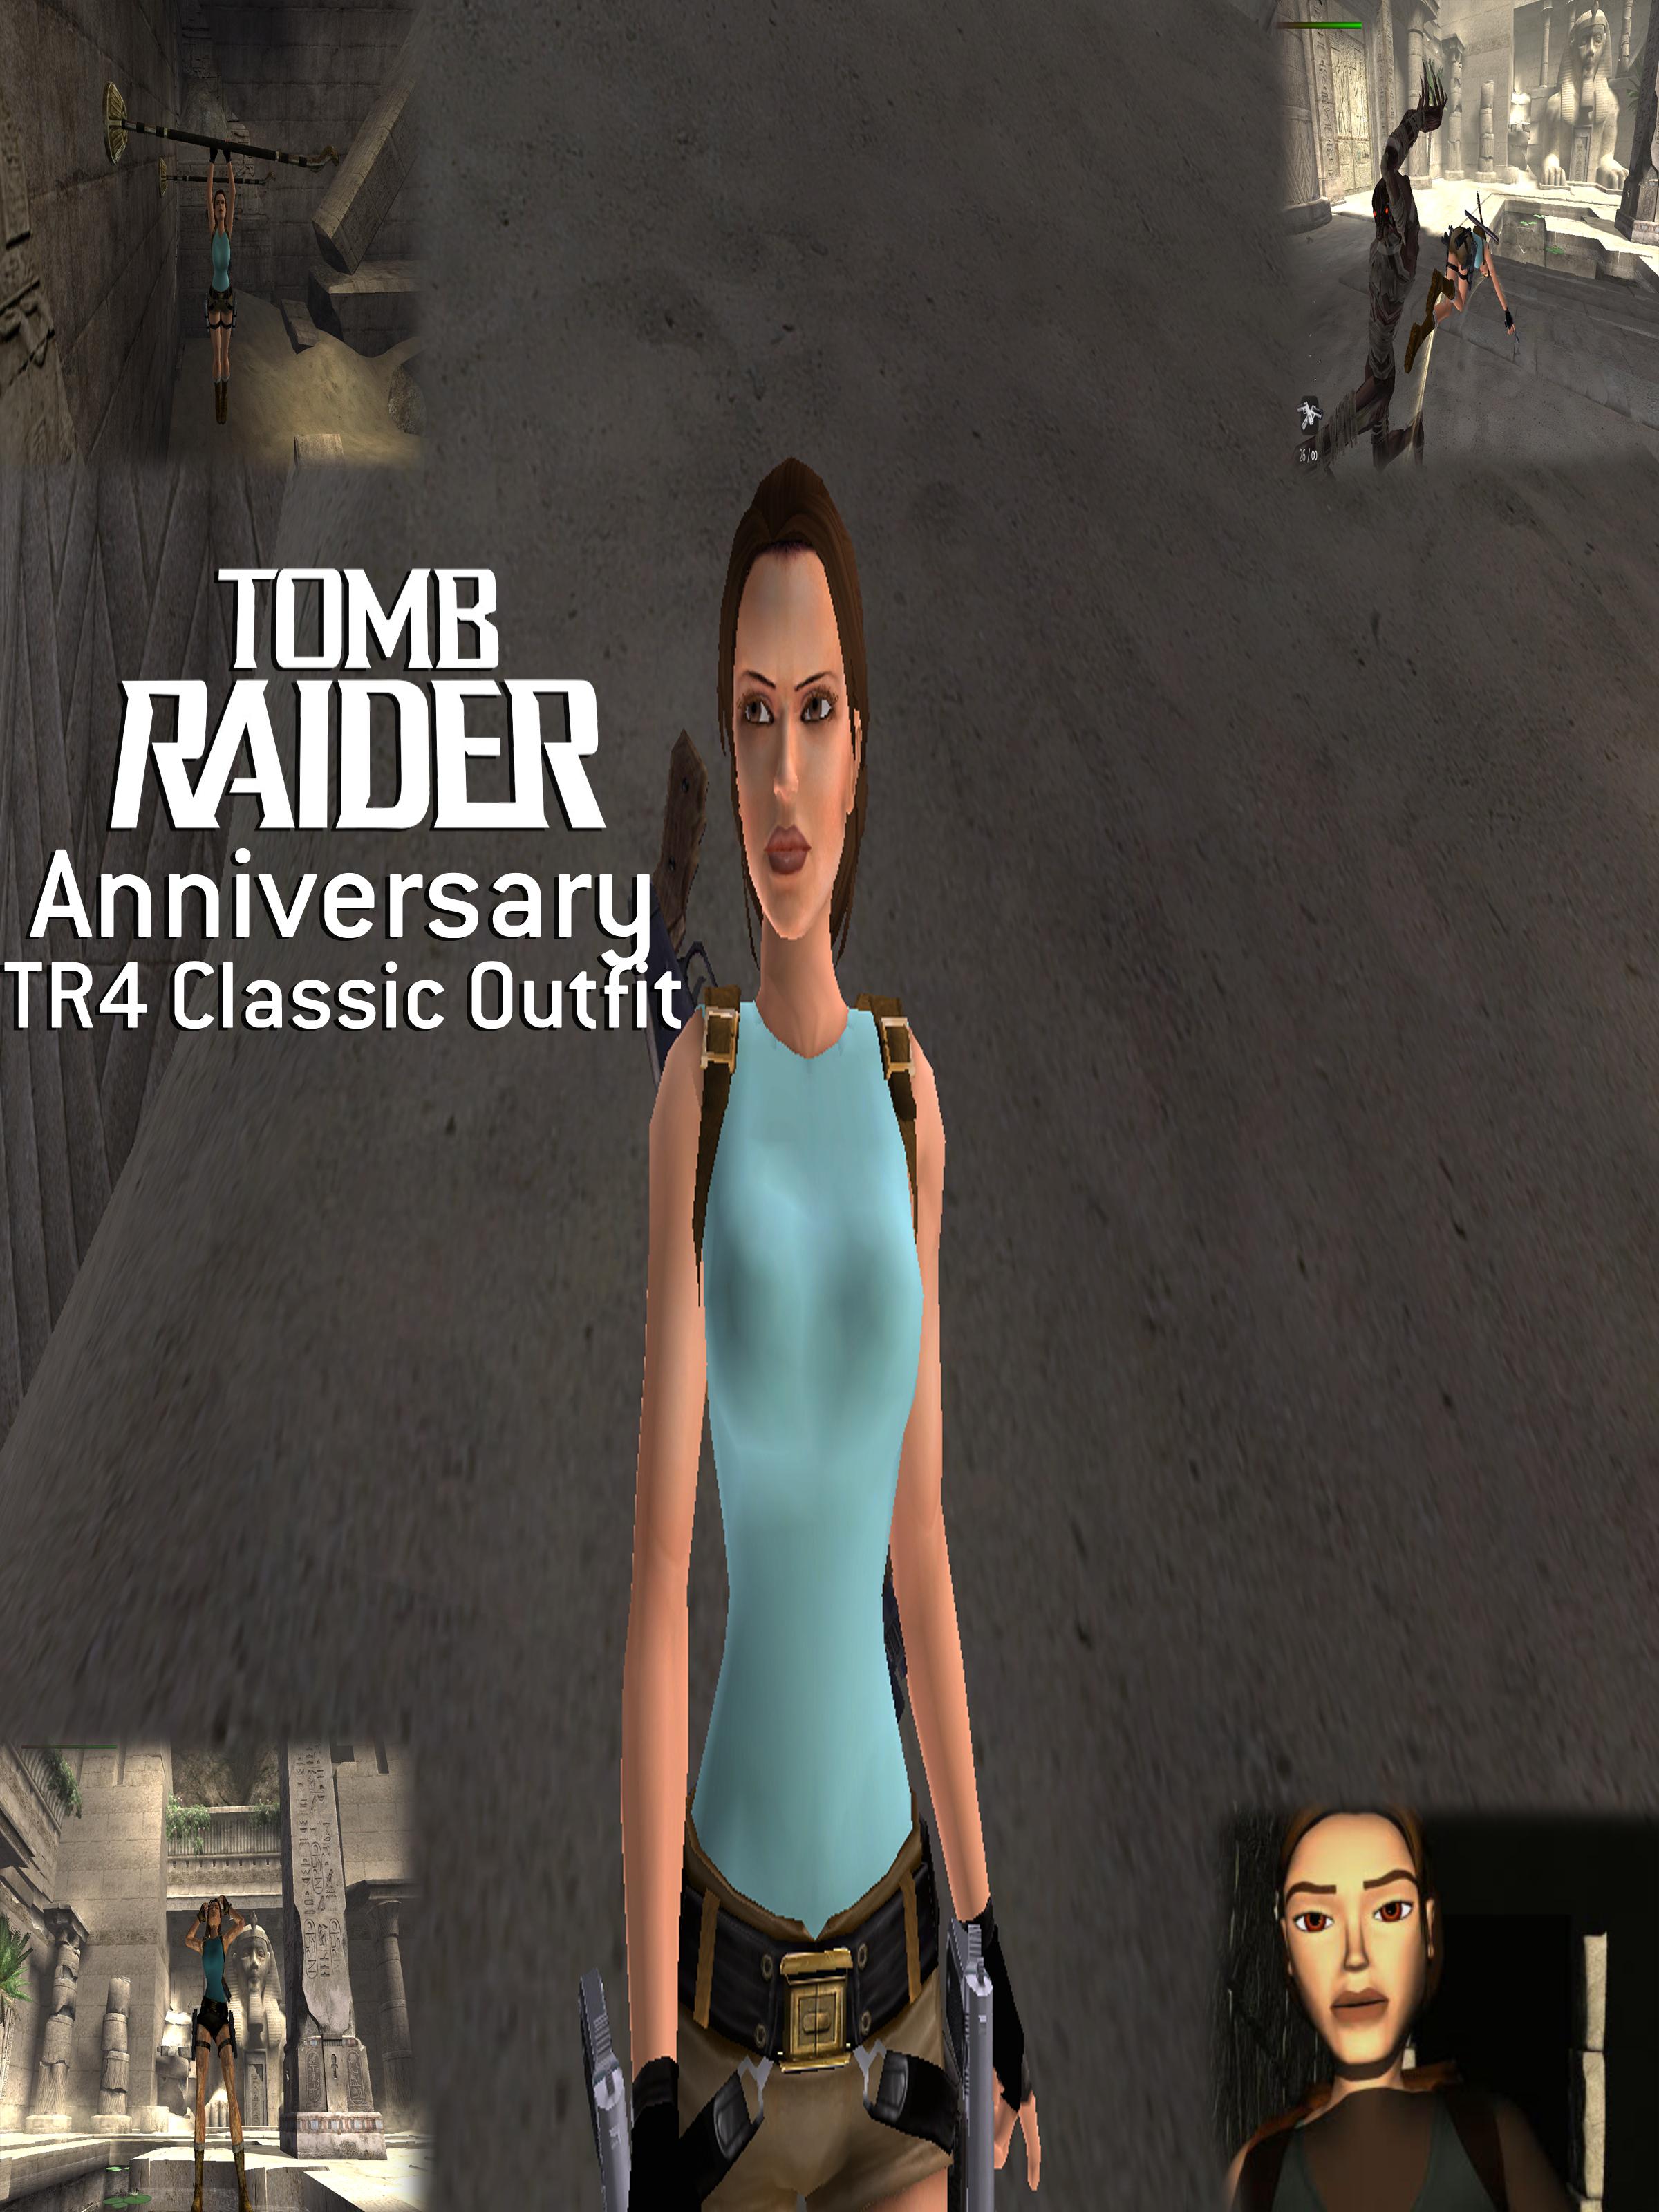 Lara croft nude mode porn video